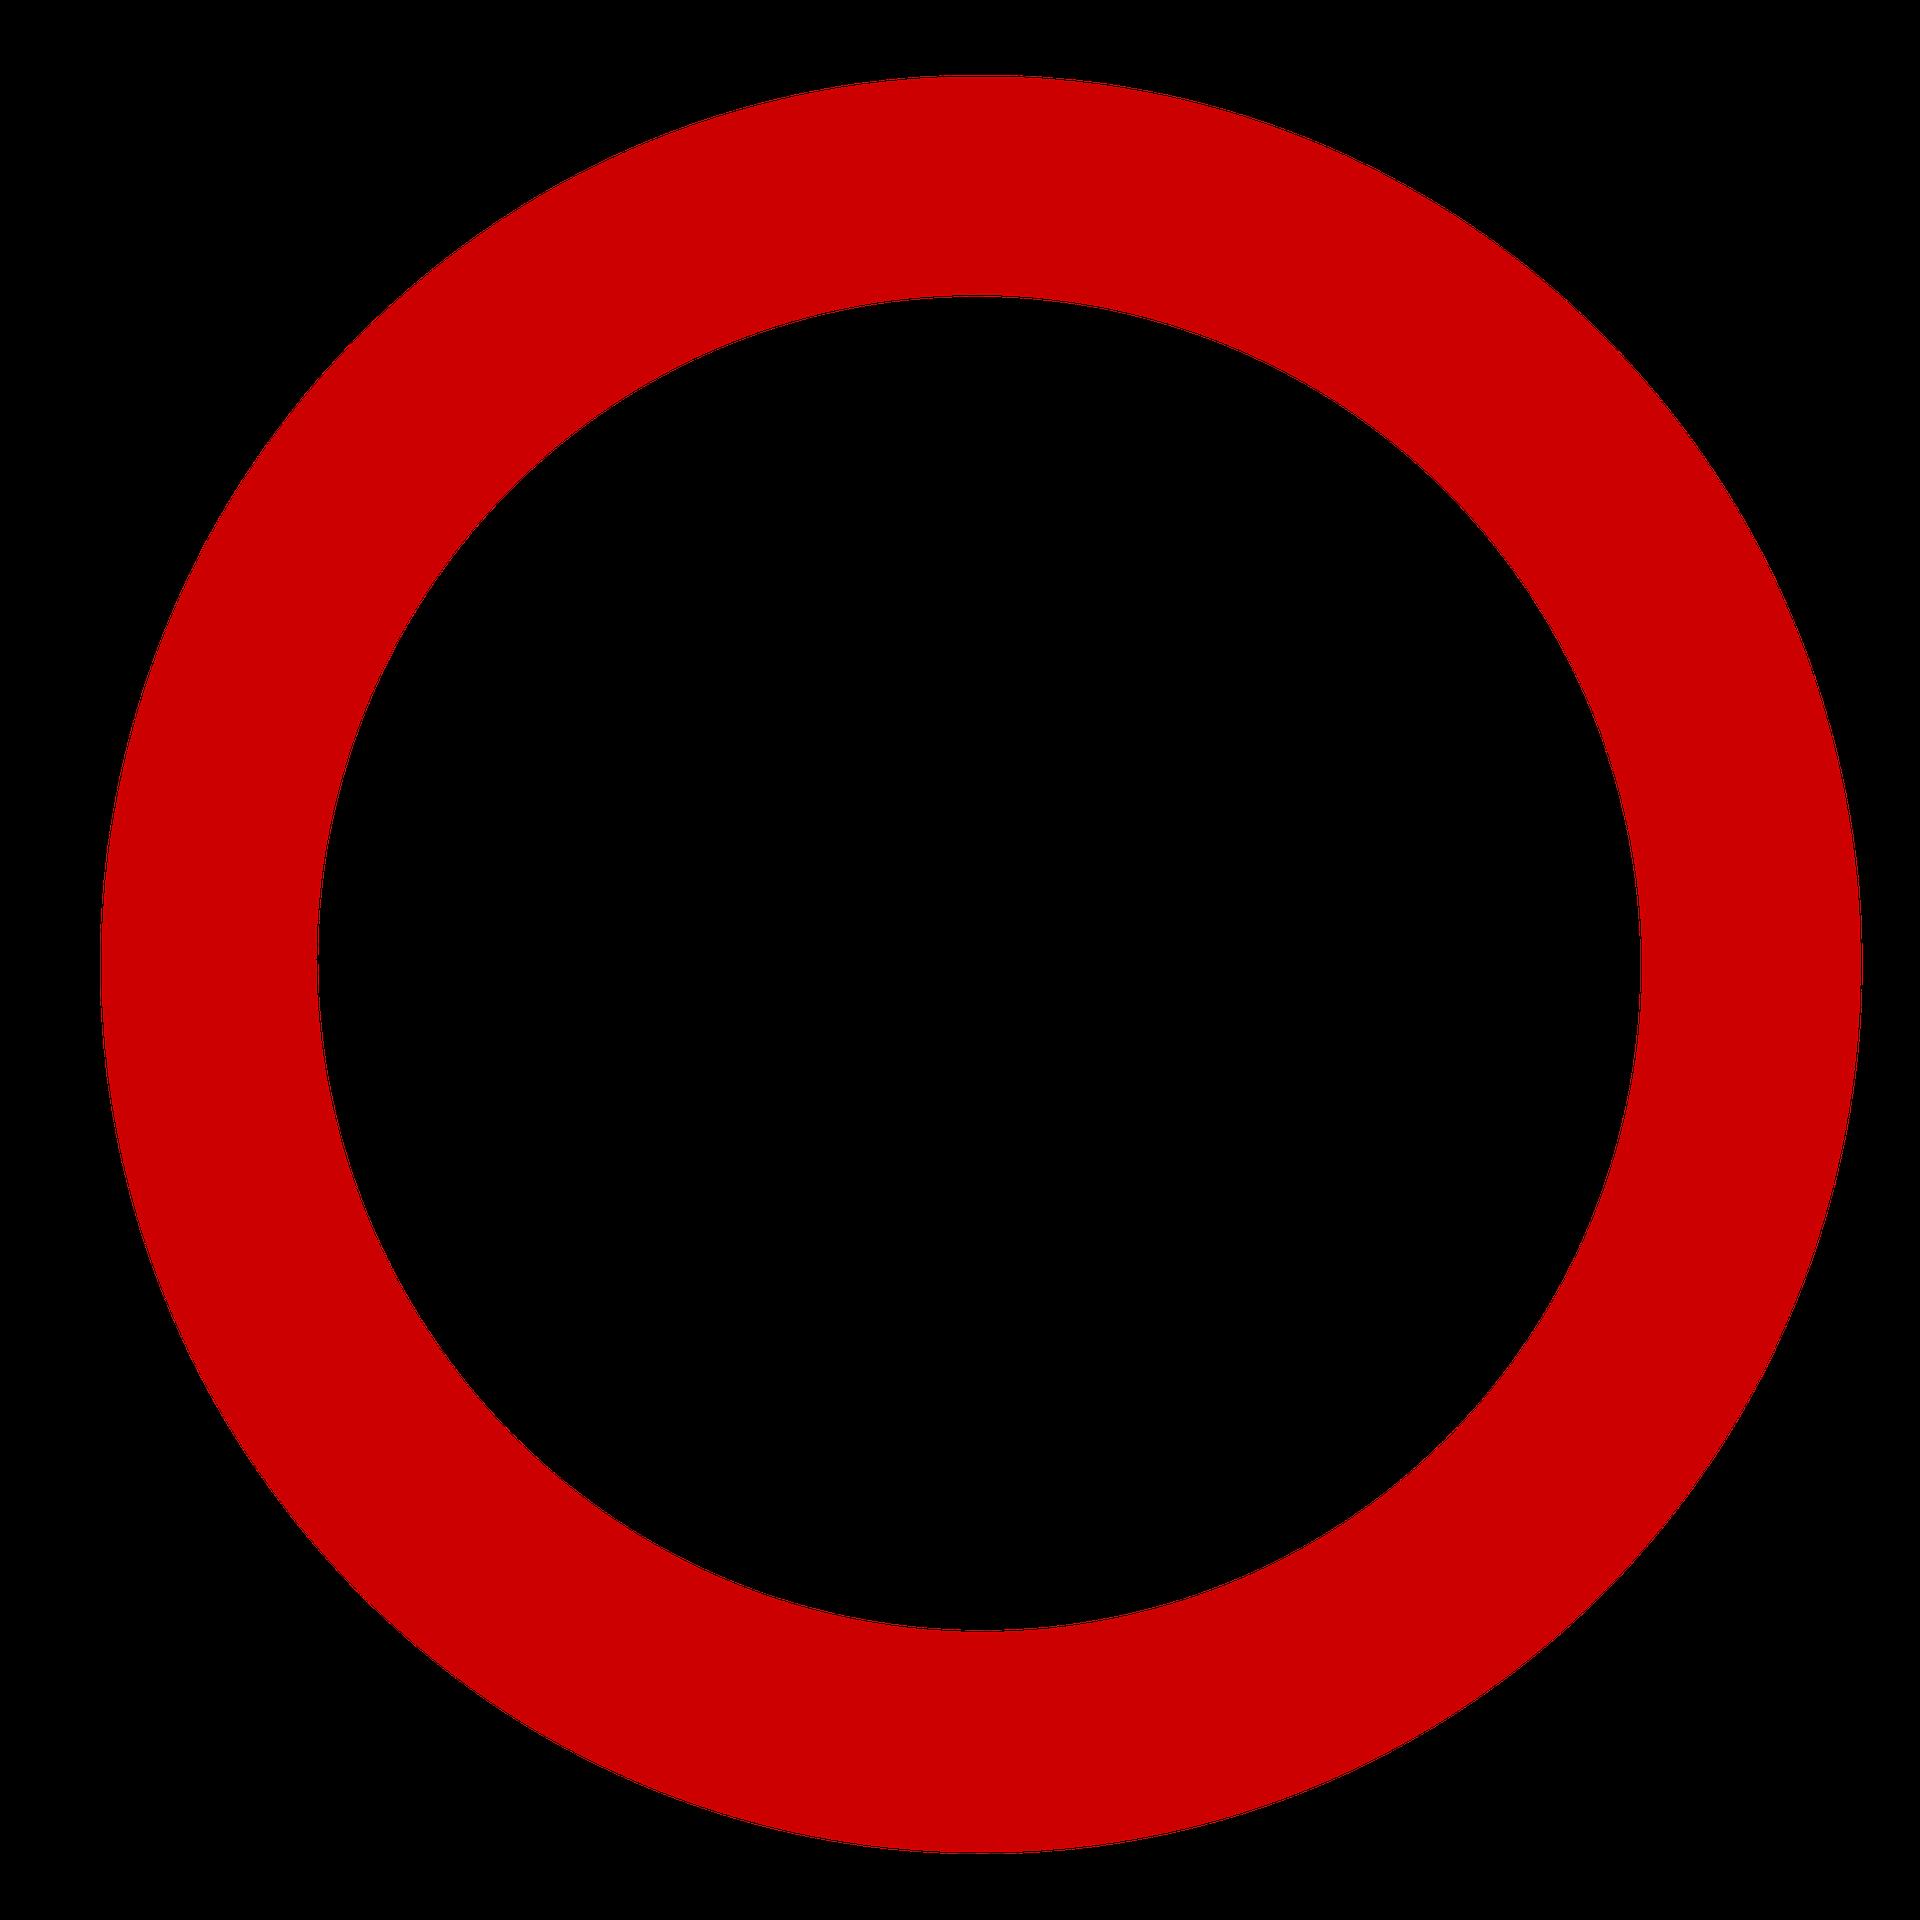 Zecken - natürlicher Schutz vor Blutsaugern